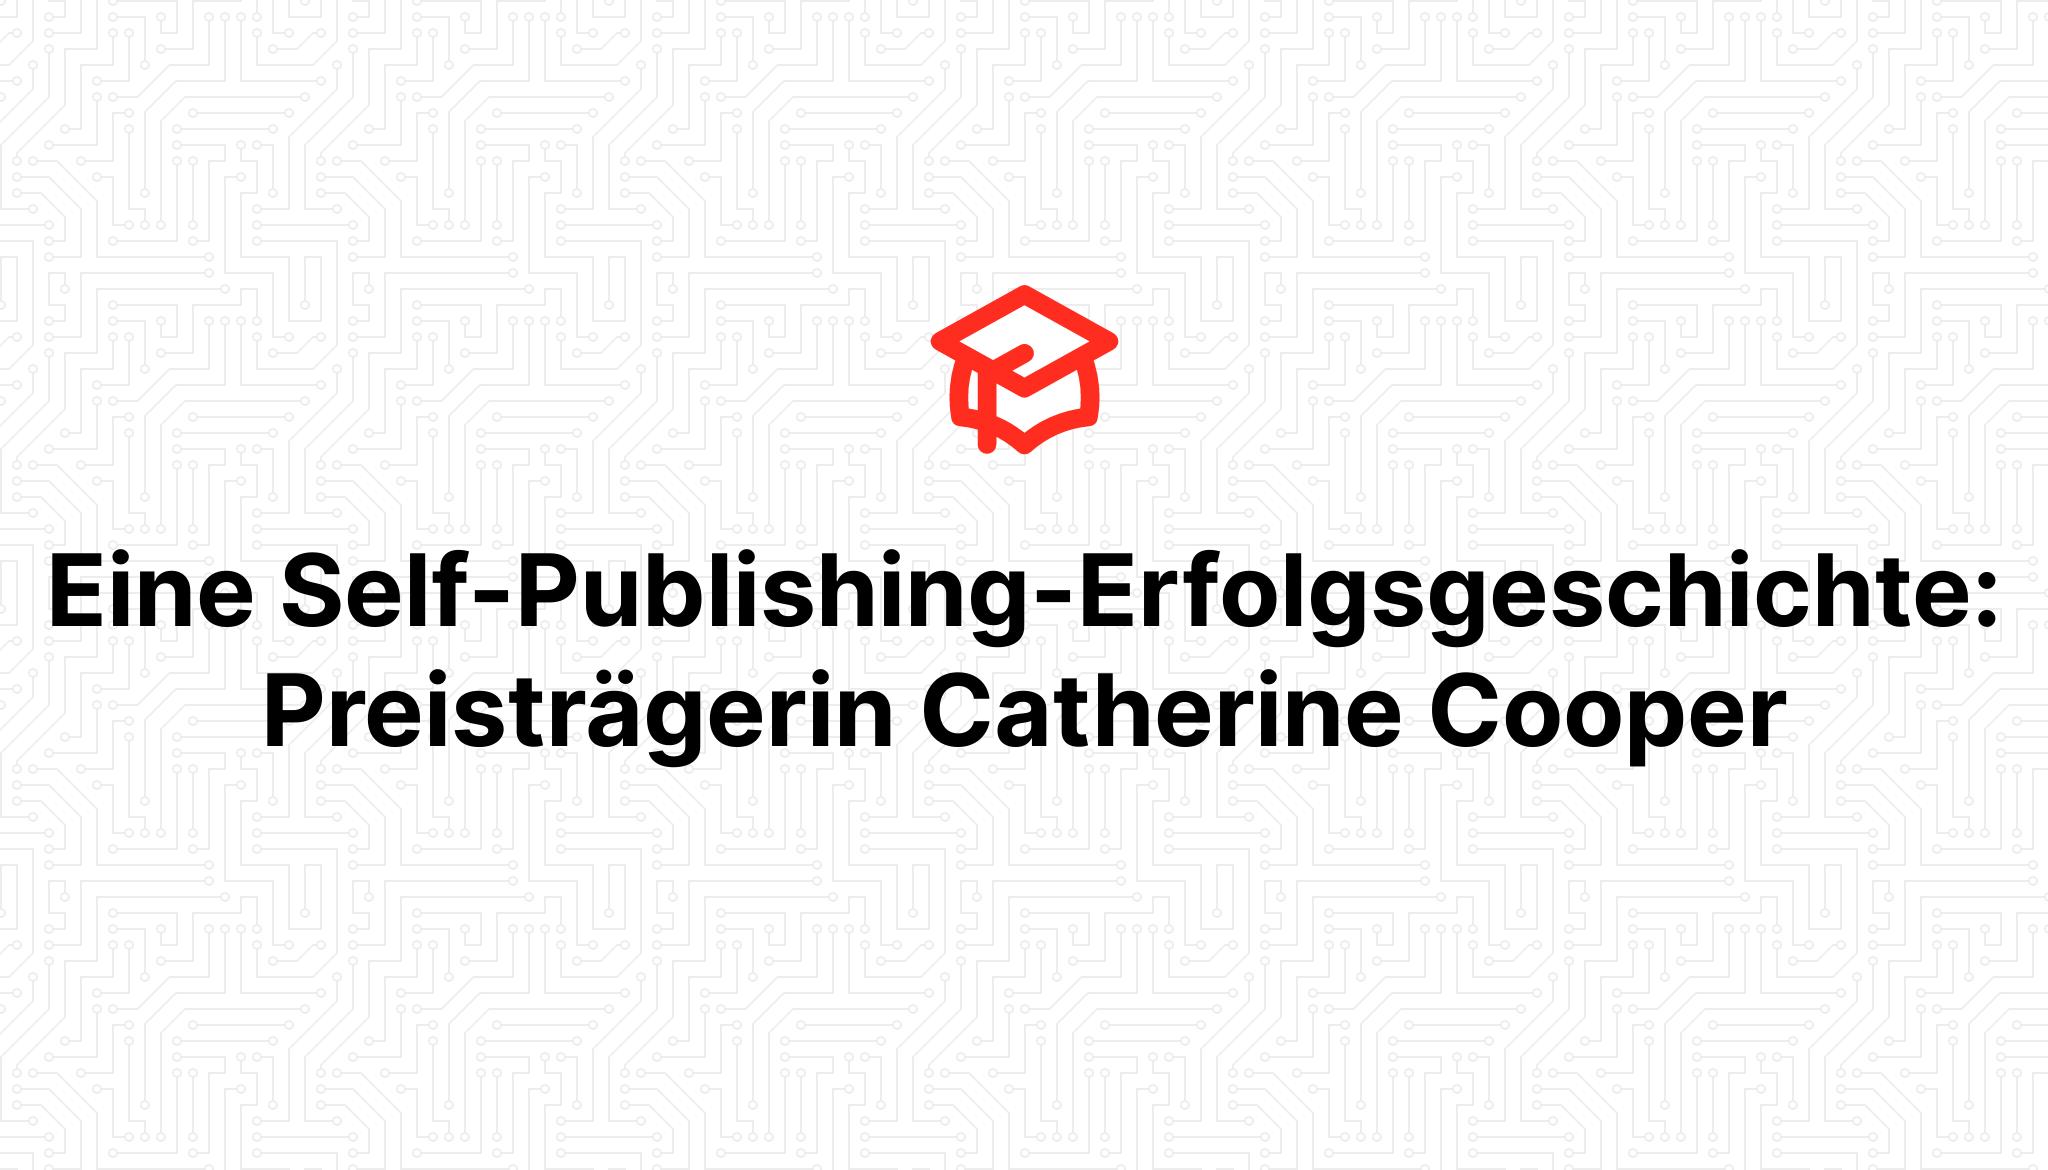 Eine Self-Publishing-Erfolgsgeschichte: Preisträgerin Catherine Cooper